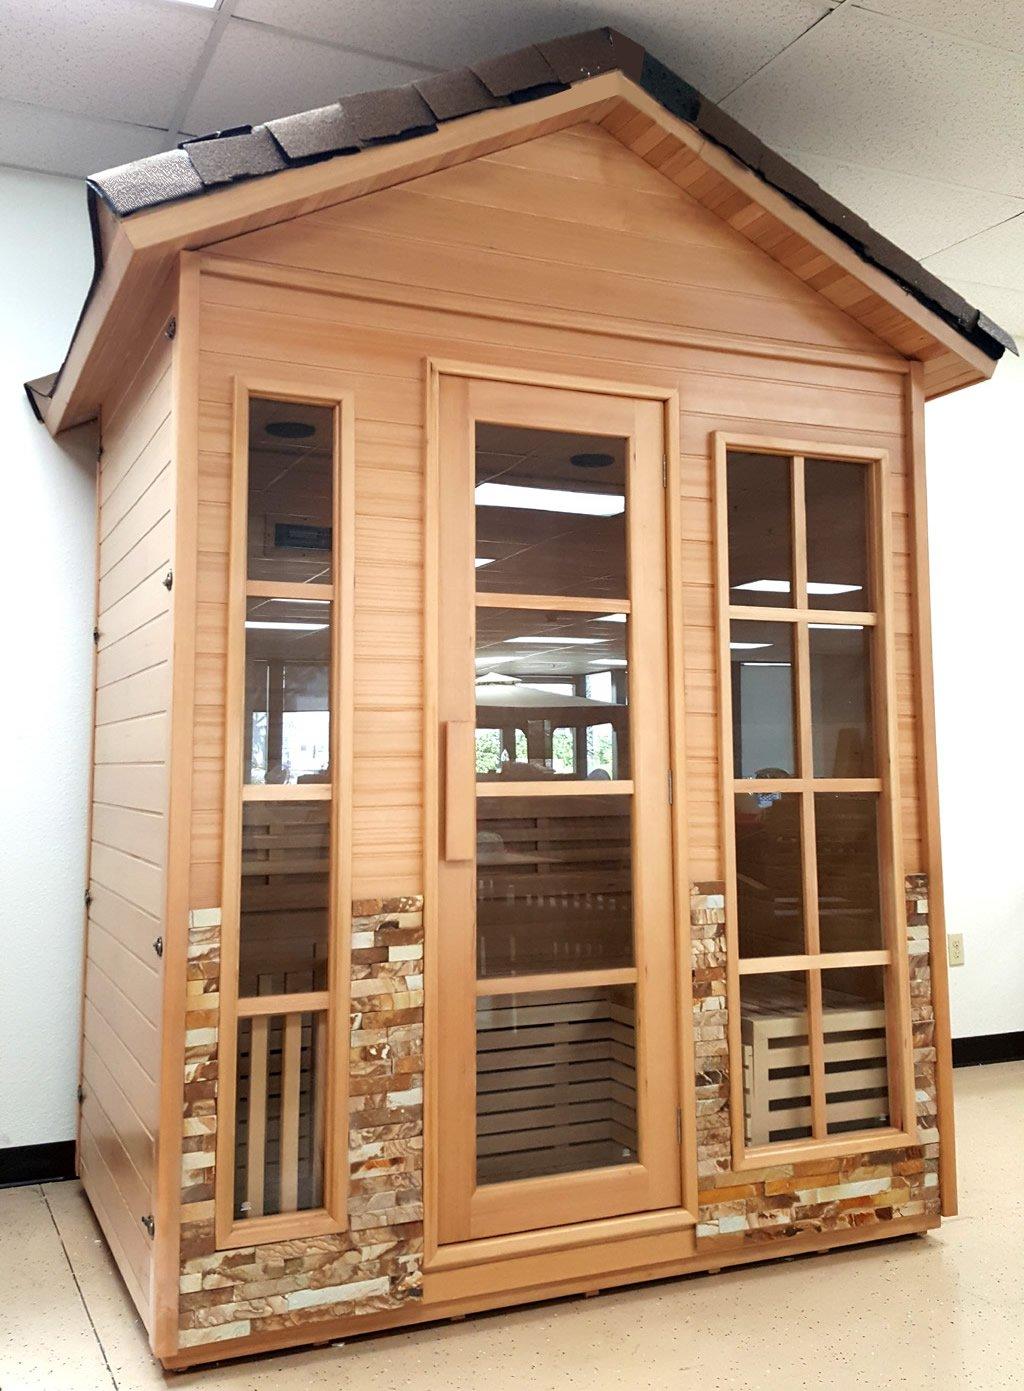 outdoor sauna canadian hemlock wet dry swedish sauna deluxe spa. Black Bedroom Furniture Sets. Home Design Ideas